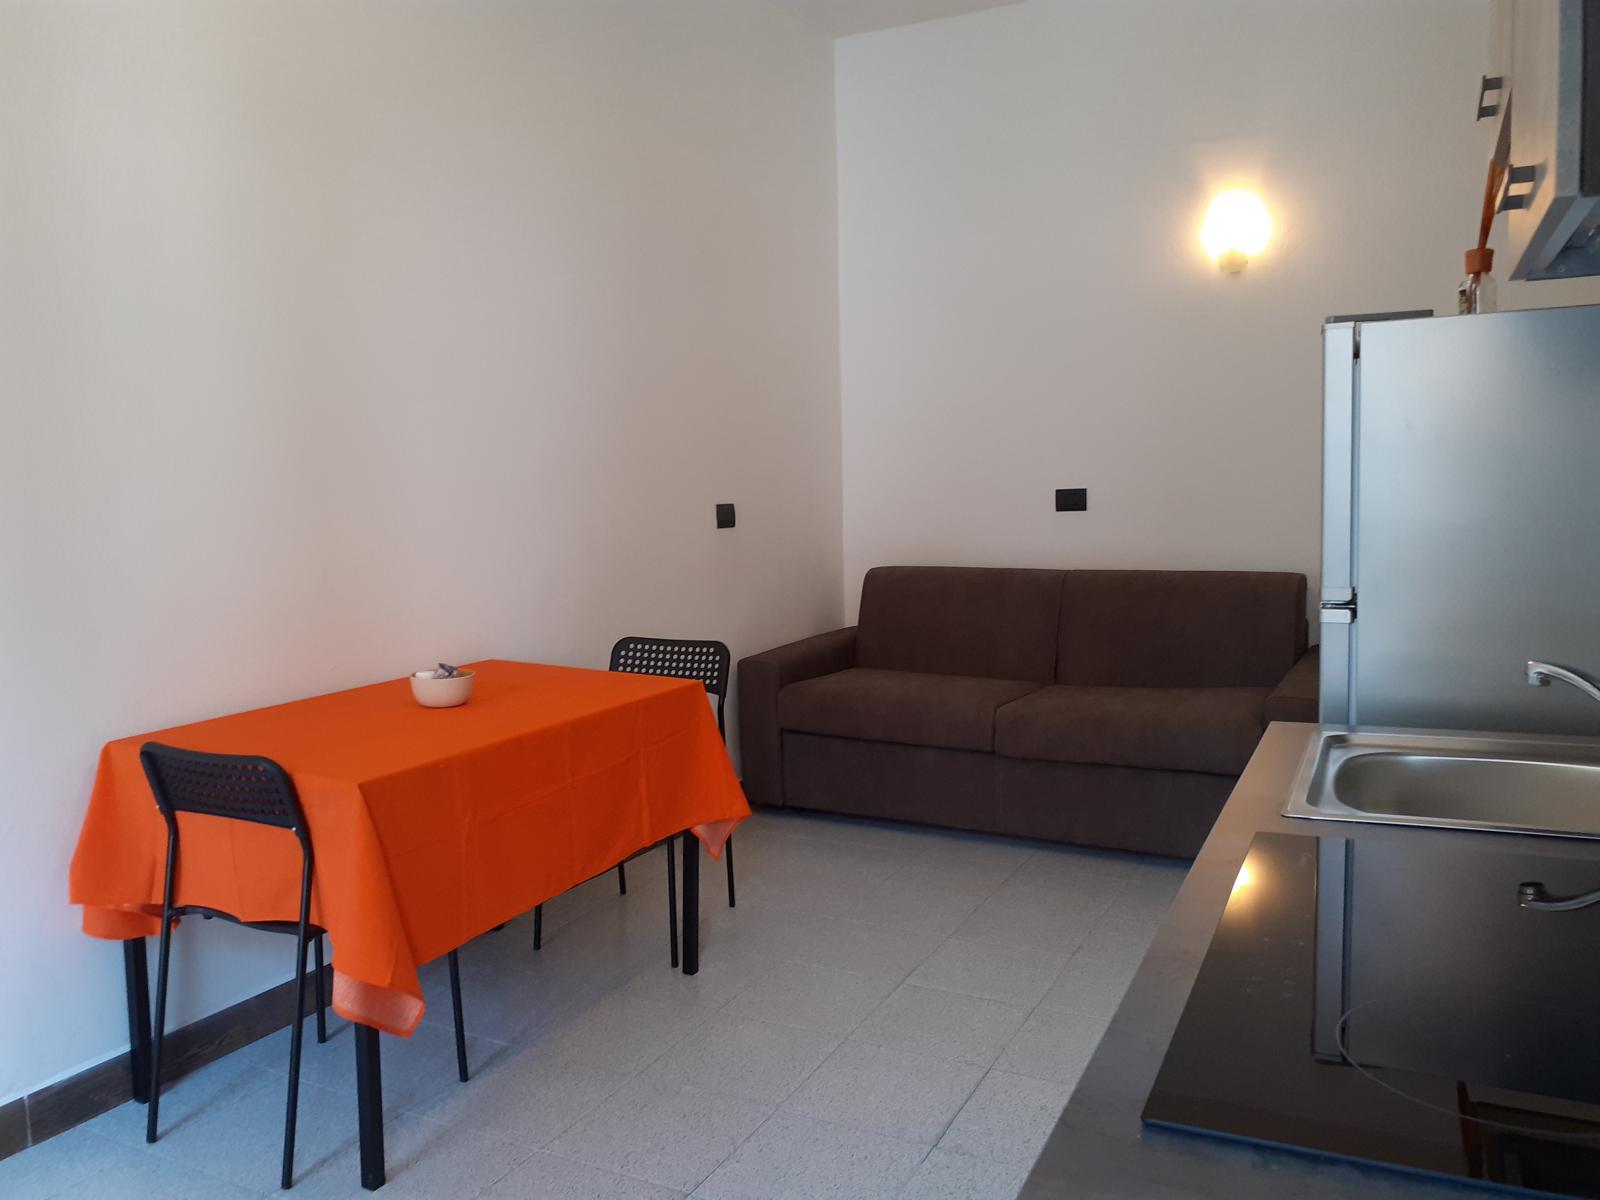 appartamento-in-vendita-a-baggio-milano-monolocale-65.000-euro-spaziourbano-immobiliare-vende-10